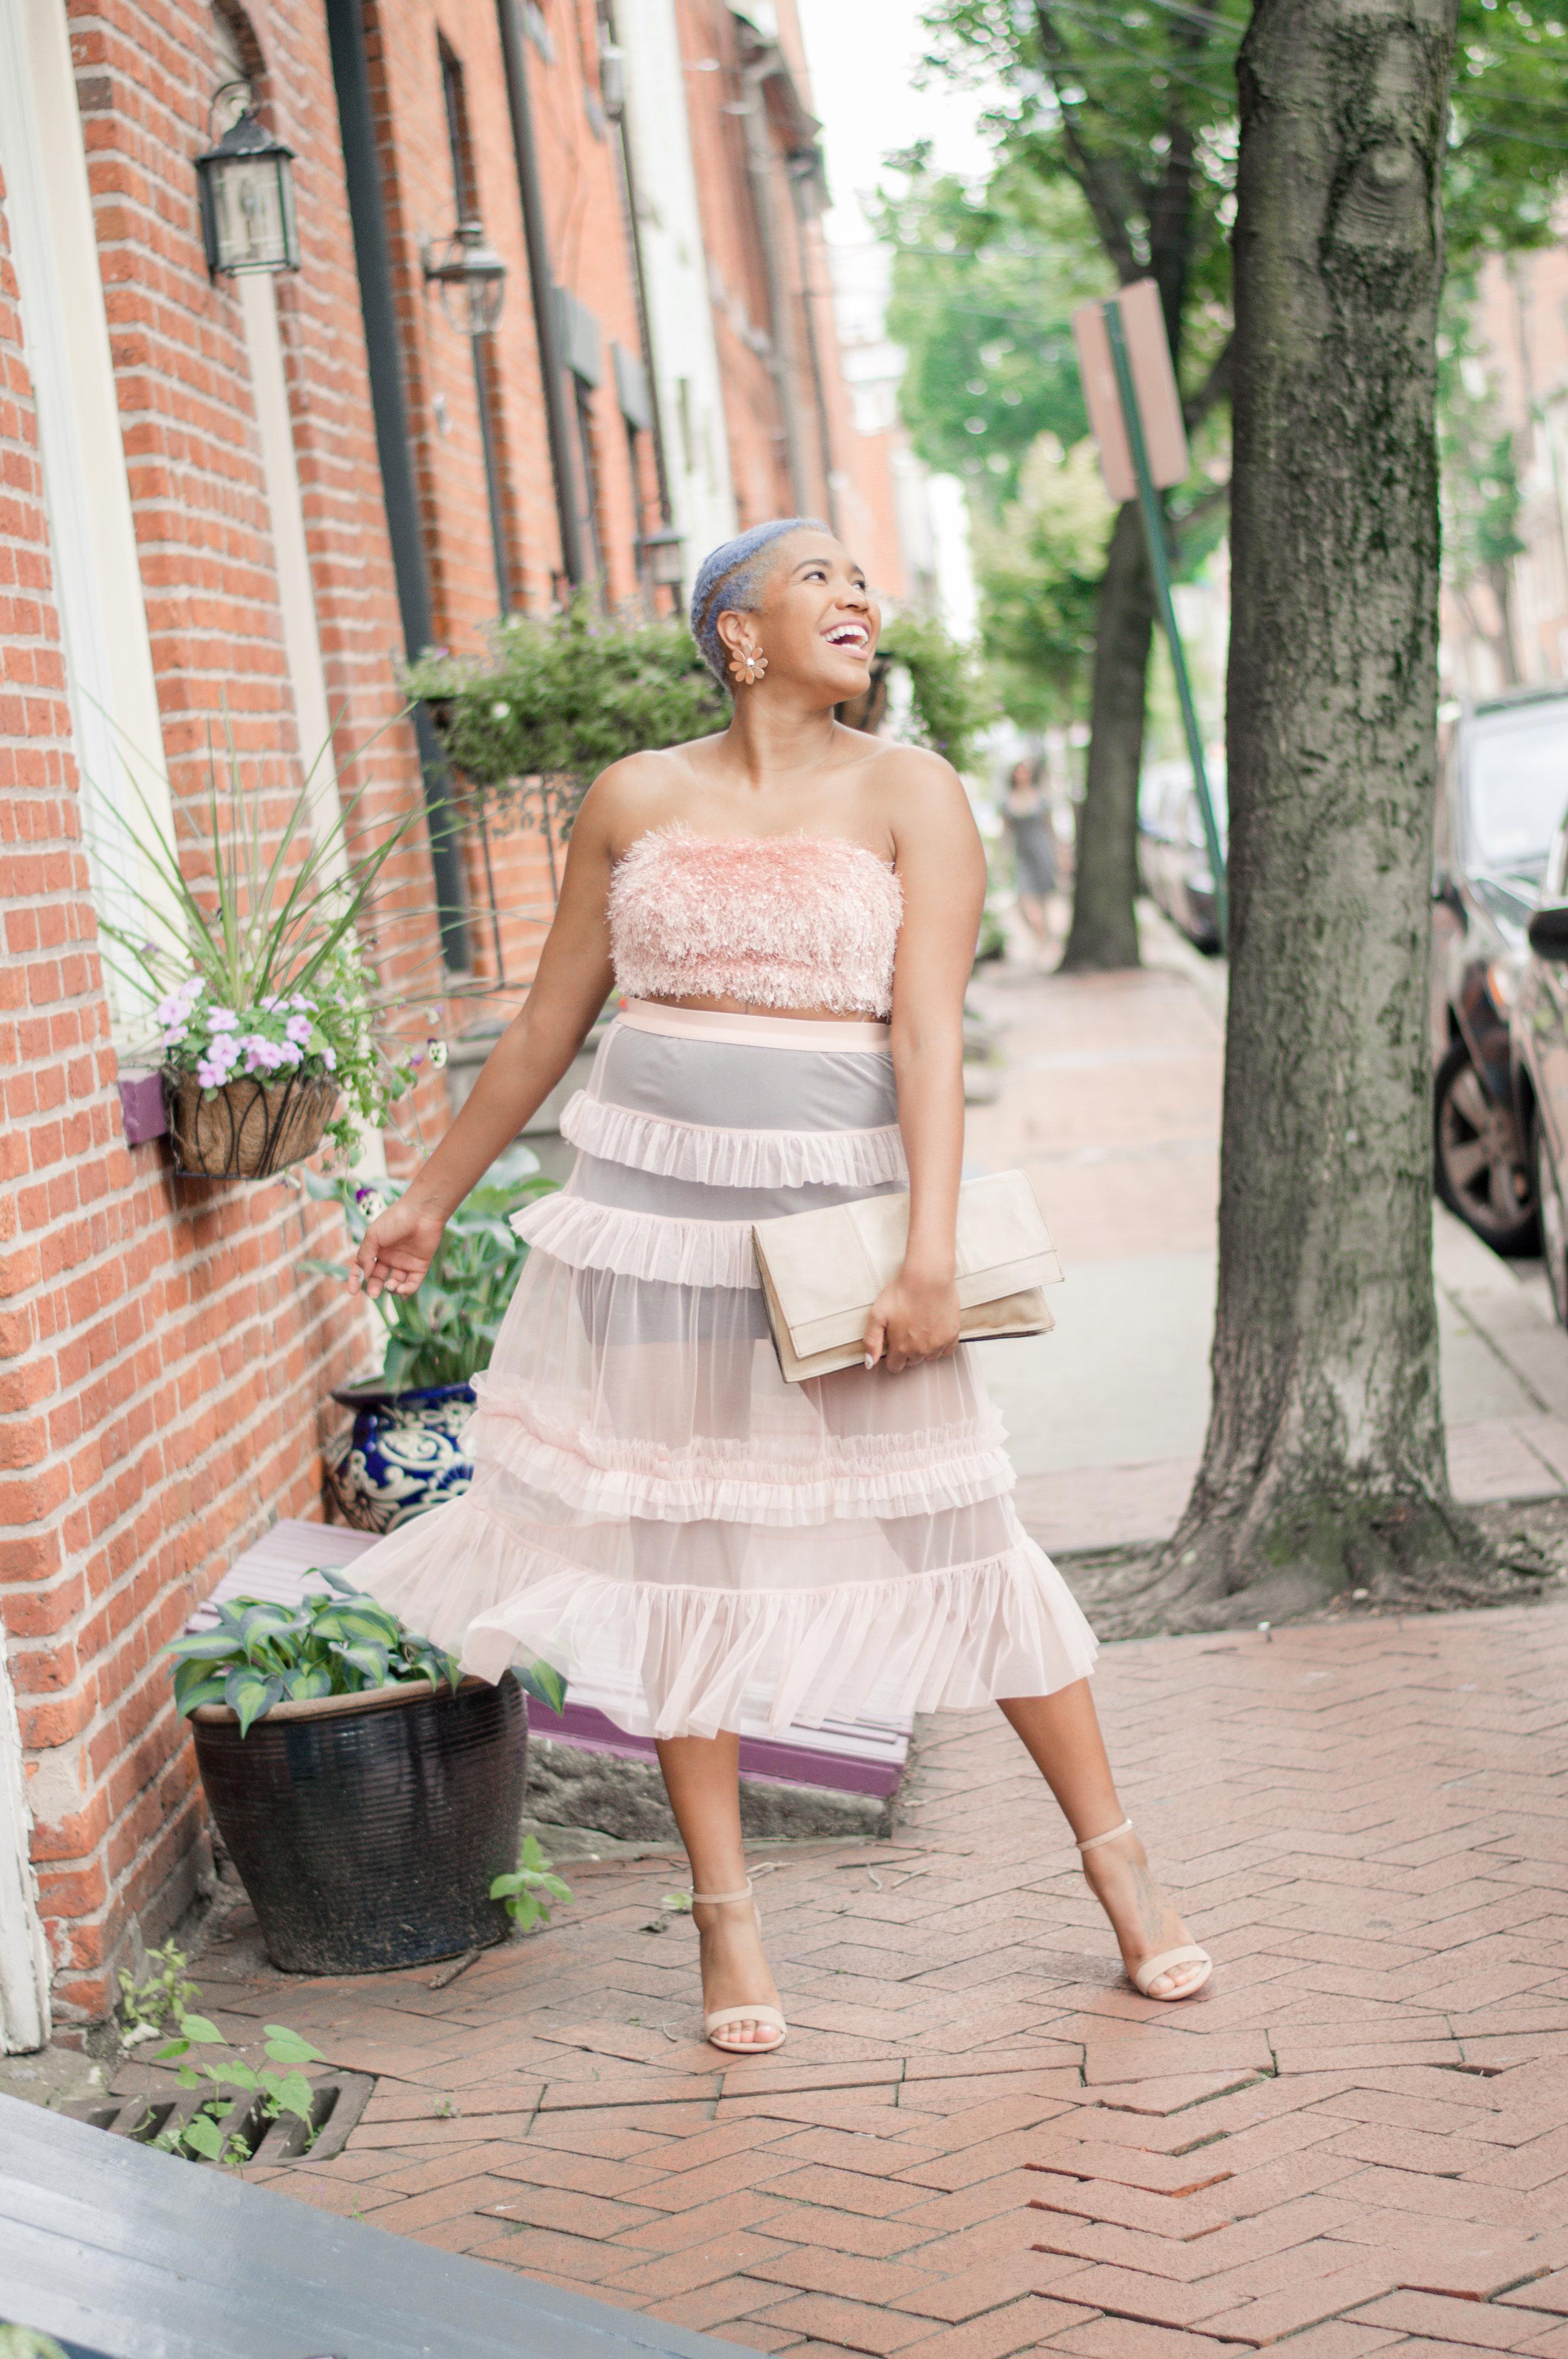 Baltimore Blogger Photographer